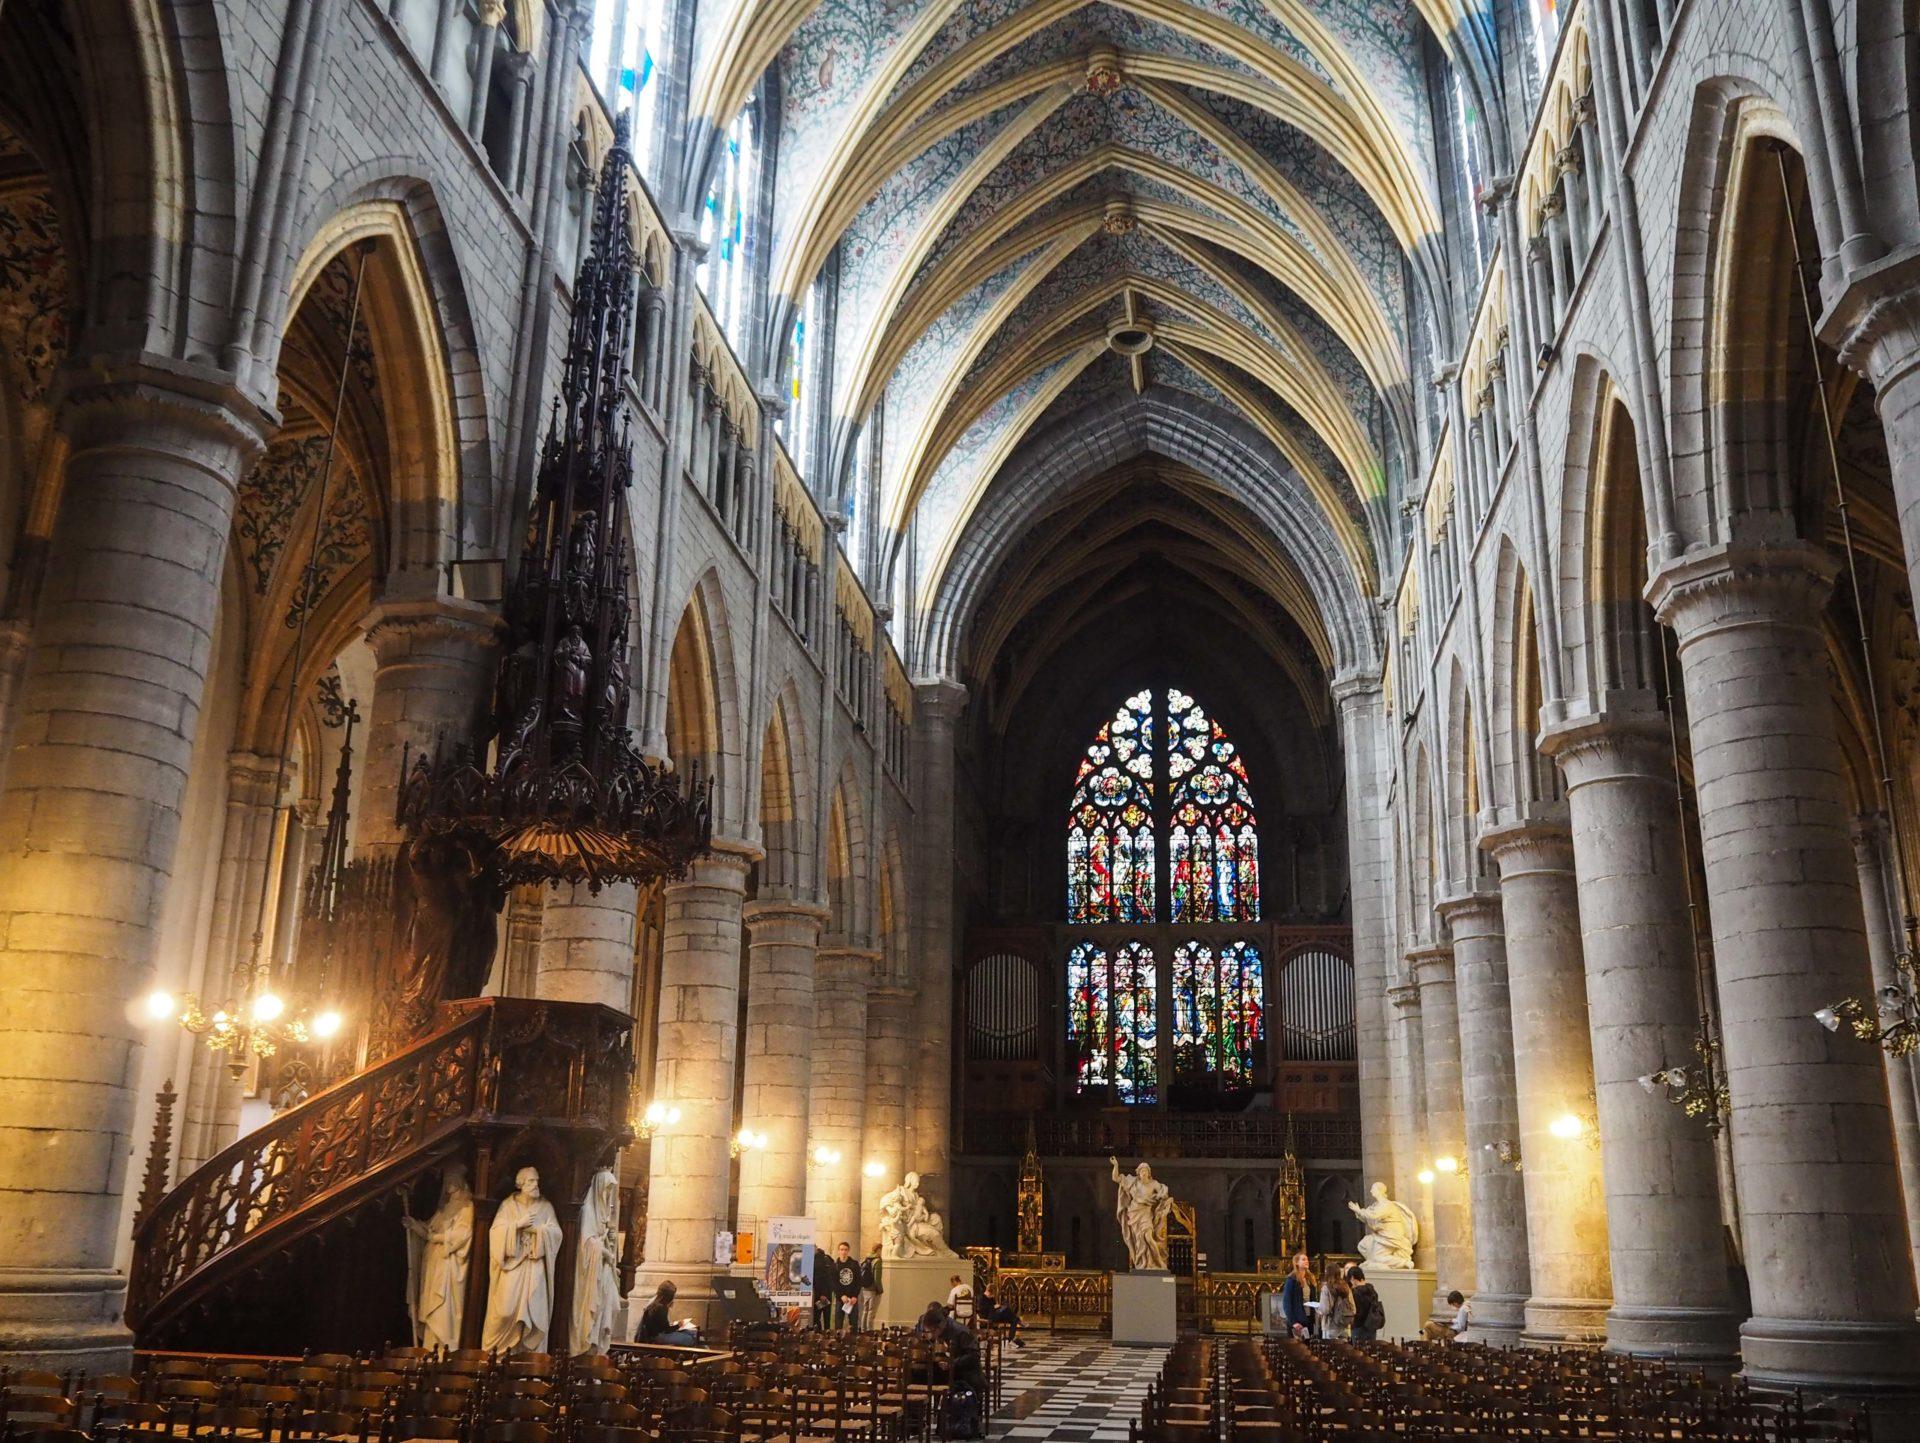 Cathédrale Saint-Paul de Liège - Visiter Liège en Belgique en mode slow - Que faire et que visiter à Liège? - Adresses slow et gourmandes à Liège - Informations pratiques pour visiter Liège et en tomber amoureuse en quelques instants!